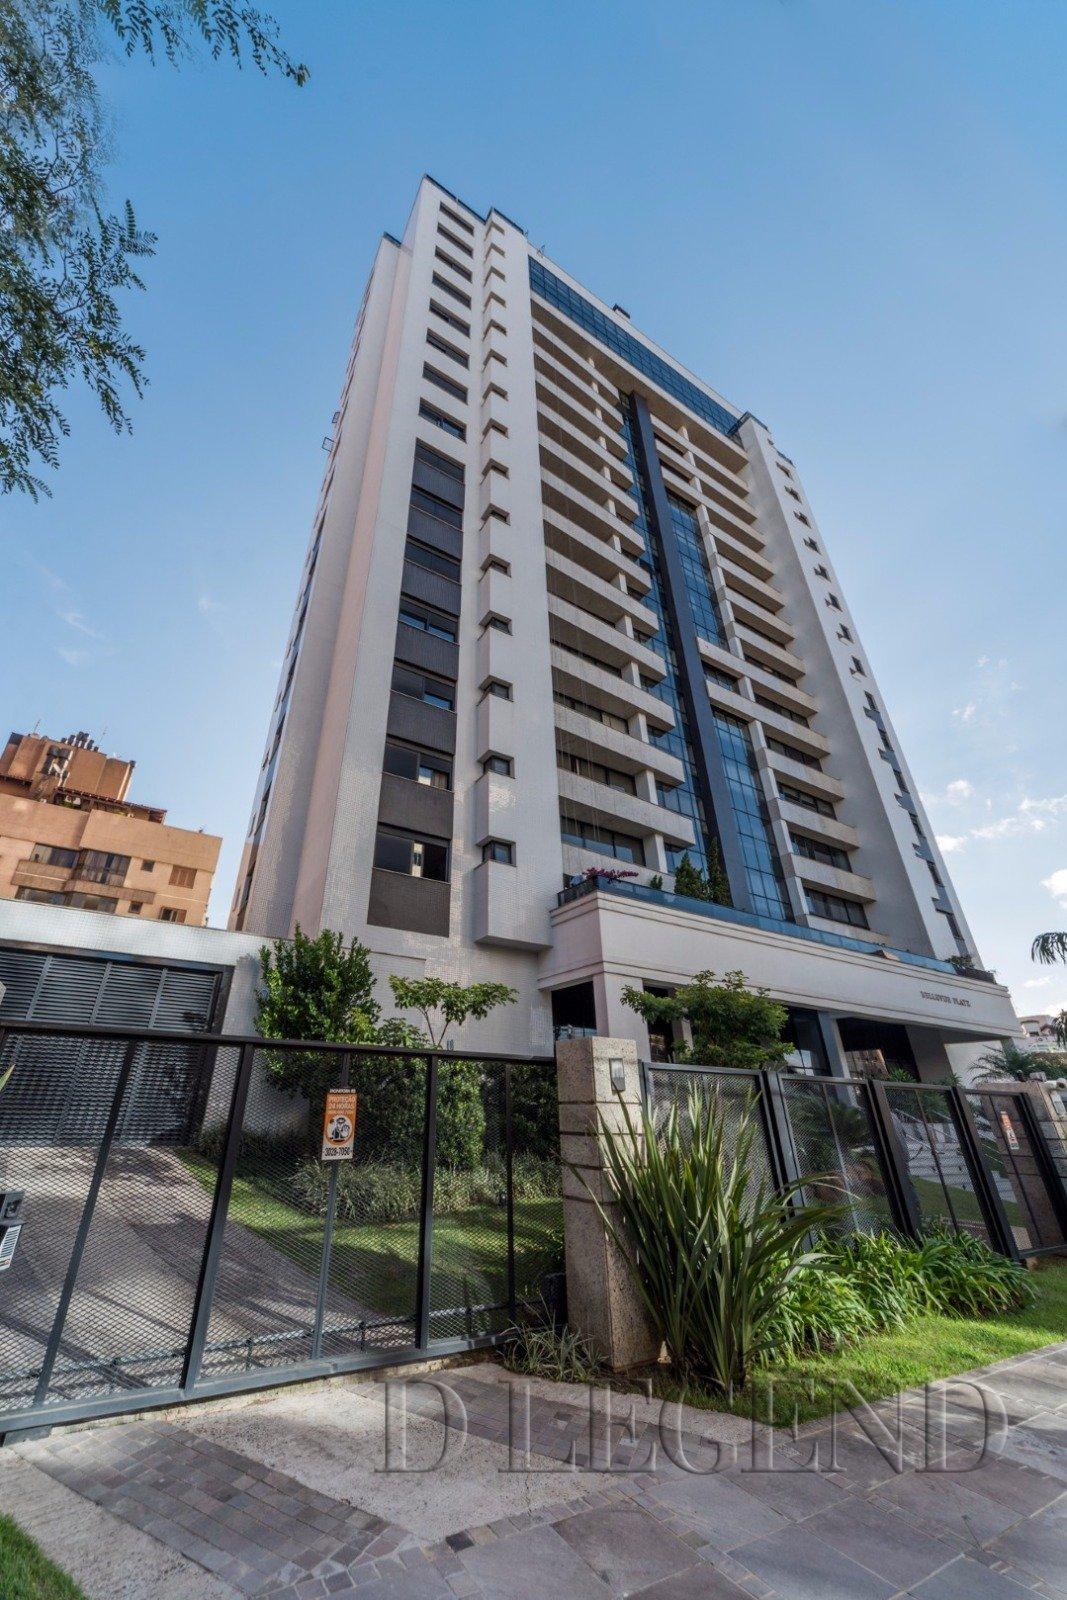 Bellevue Platz - Rua Regente, 248 - Petrópolis - Porto Alegre